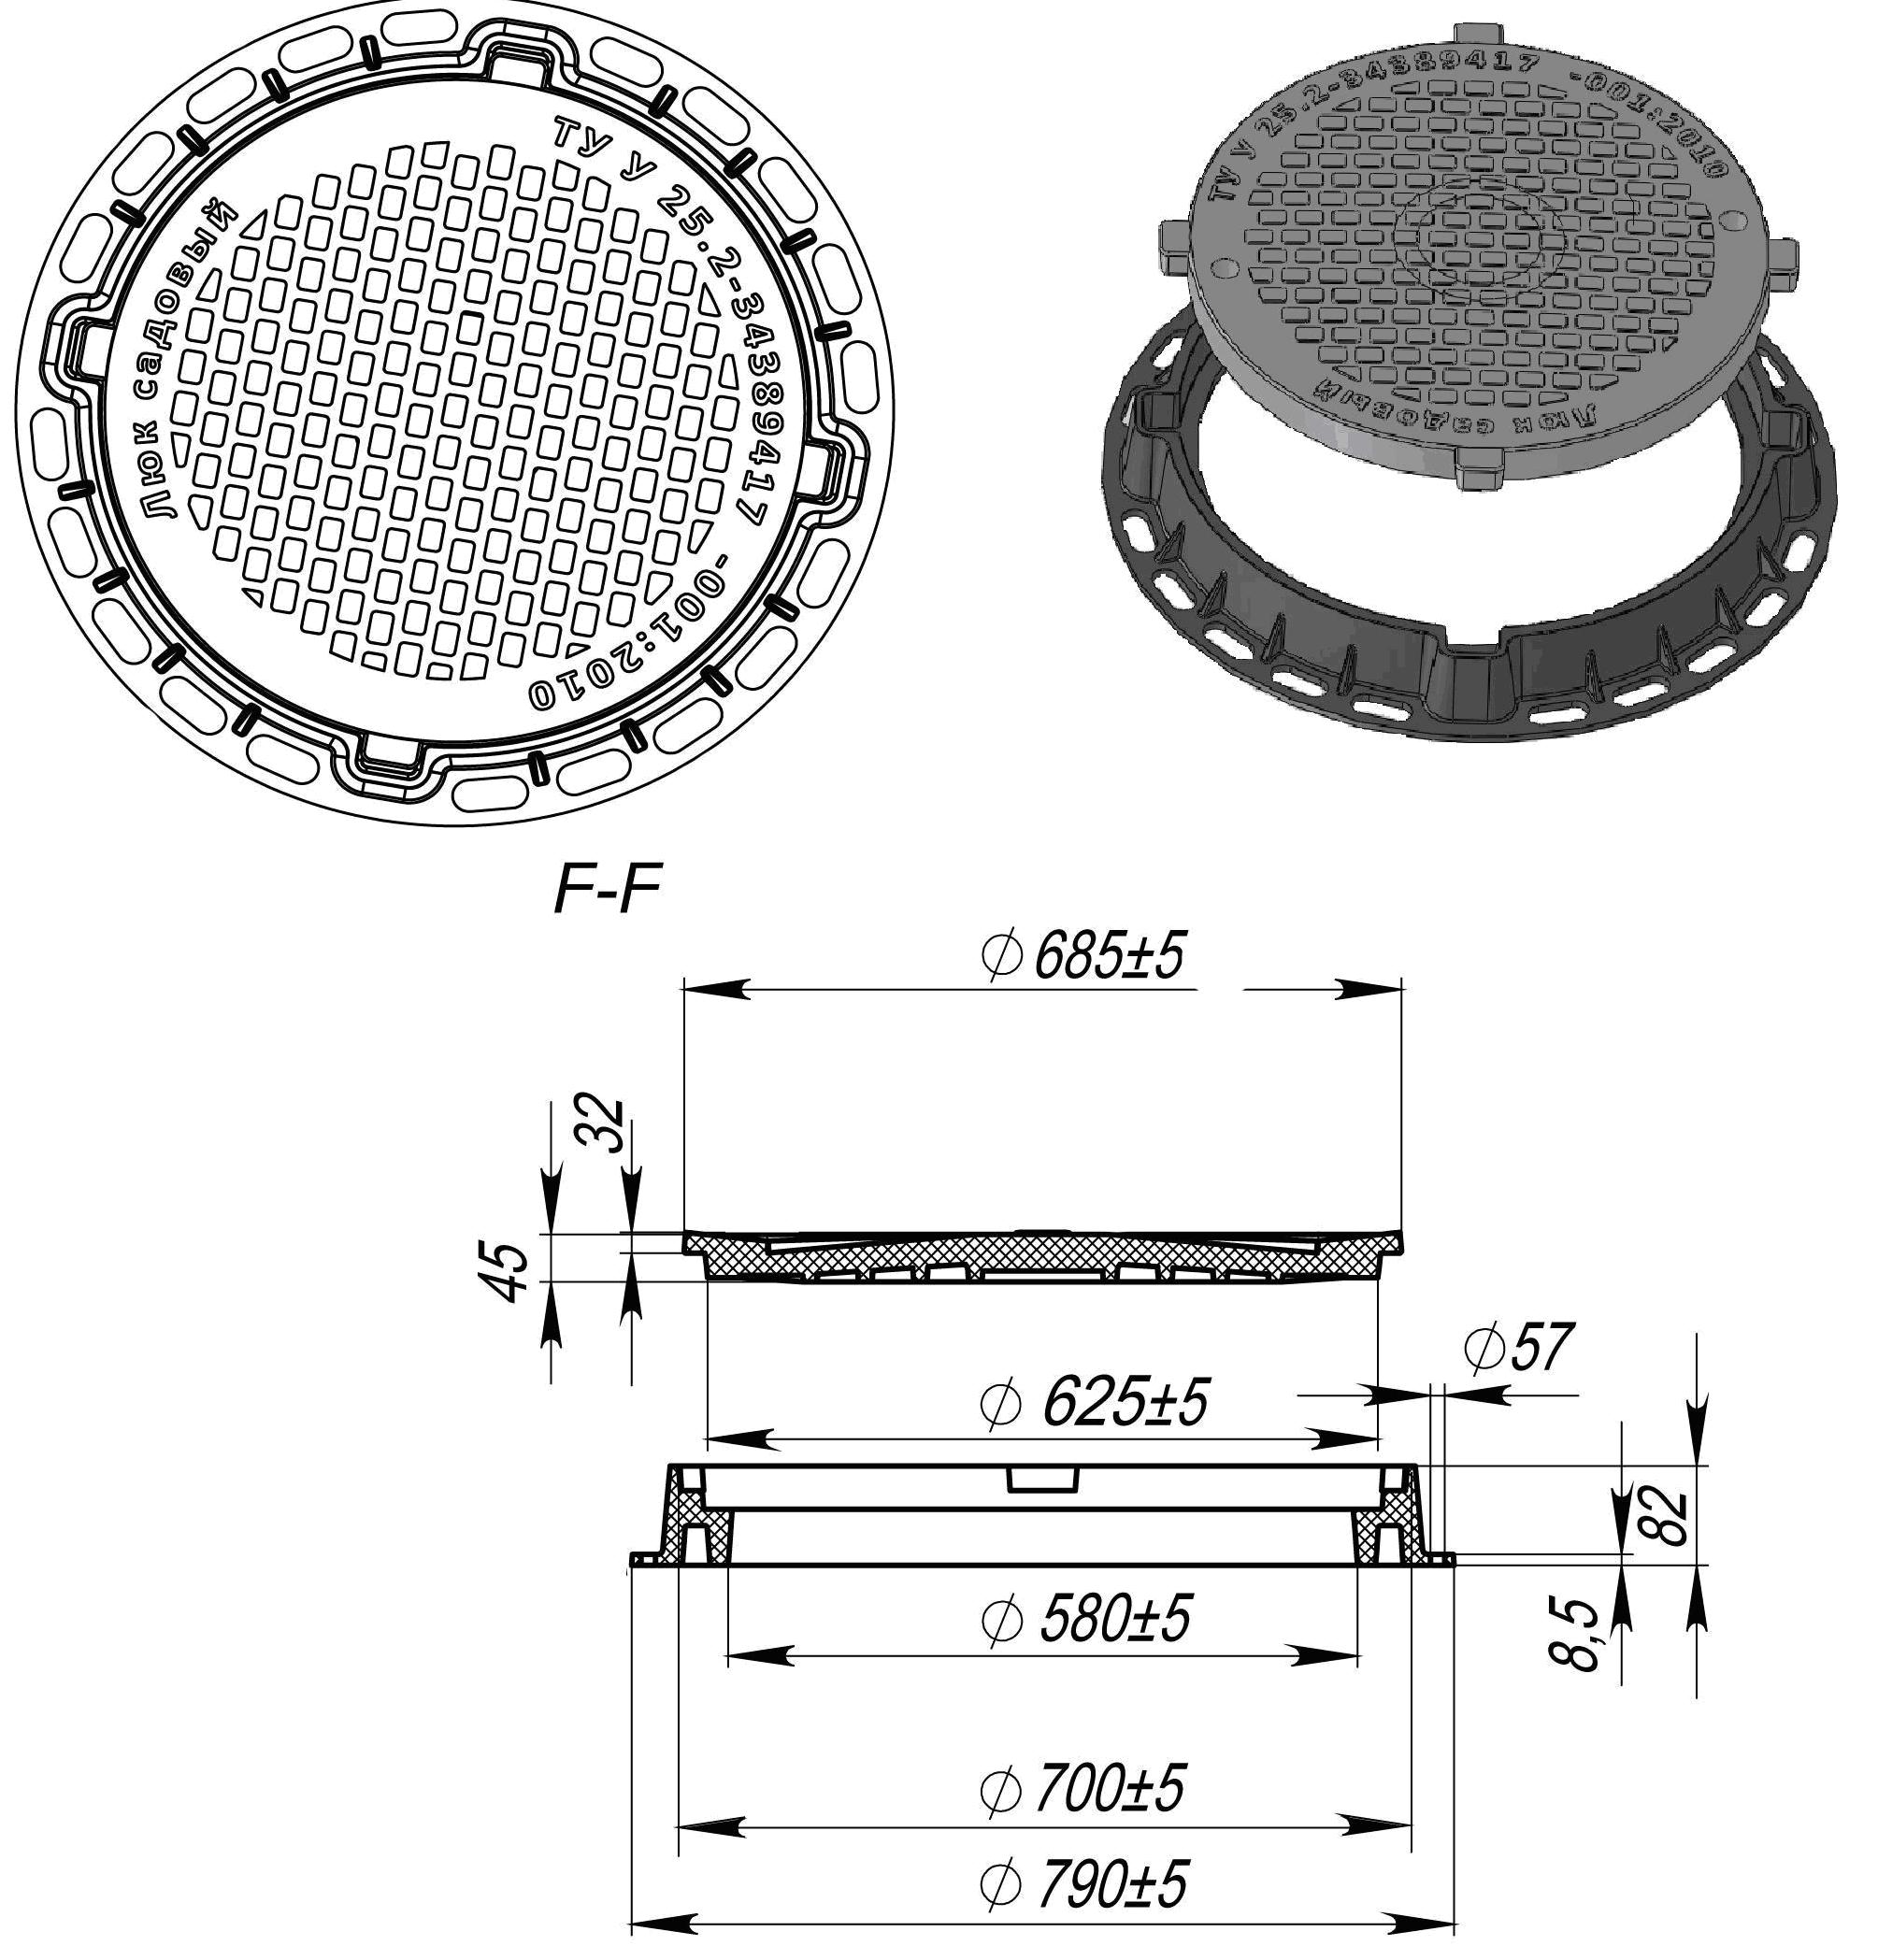 Канализационный люк - виды и характеристики пластиковых, чугунных, полимерных люков